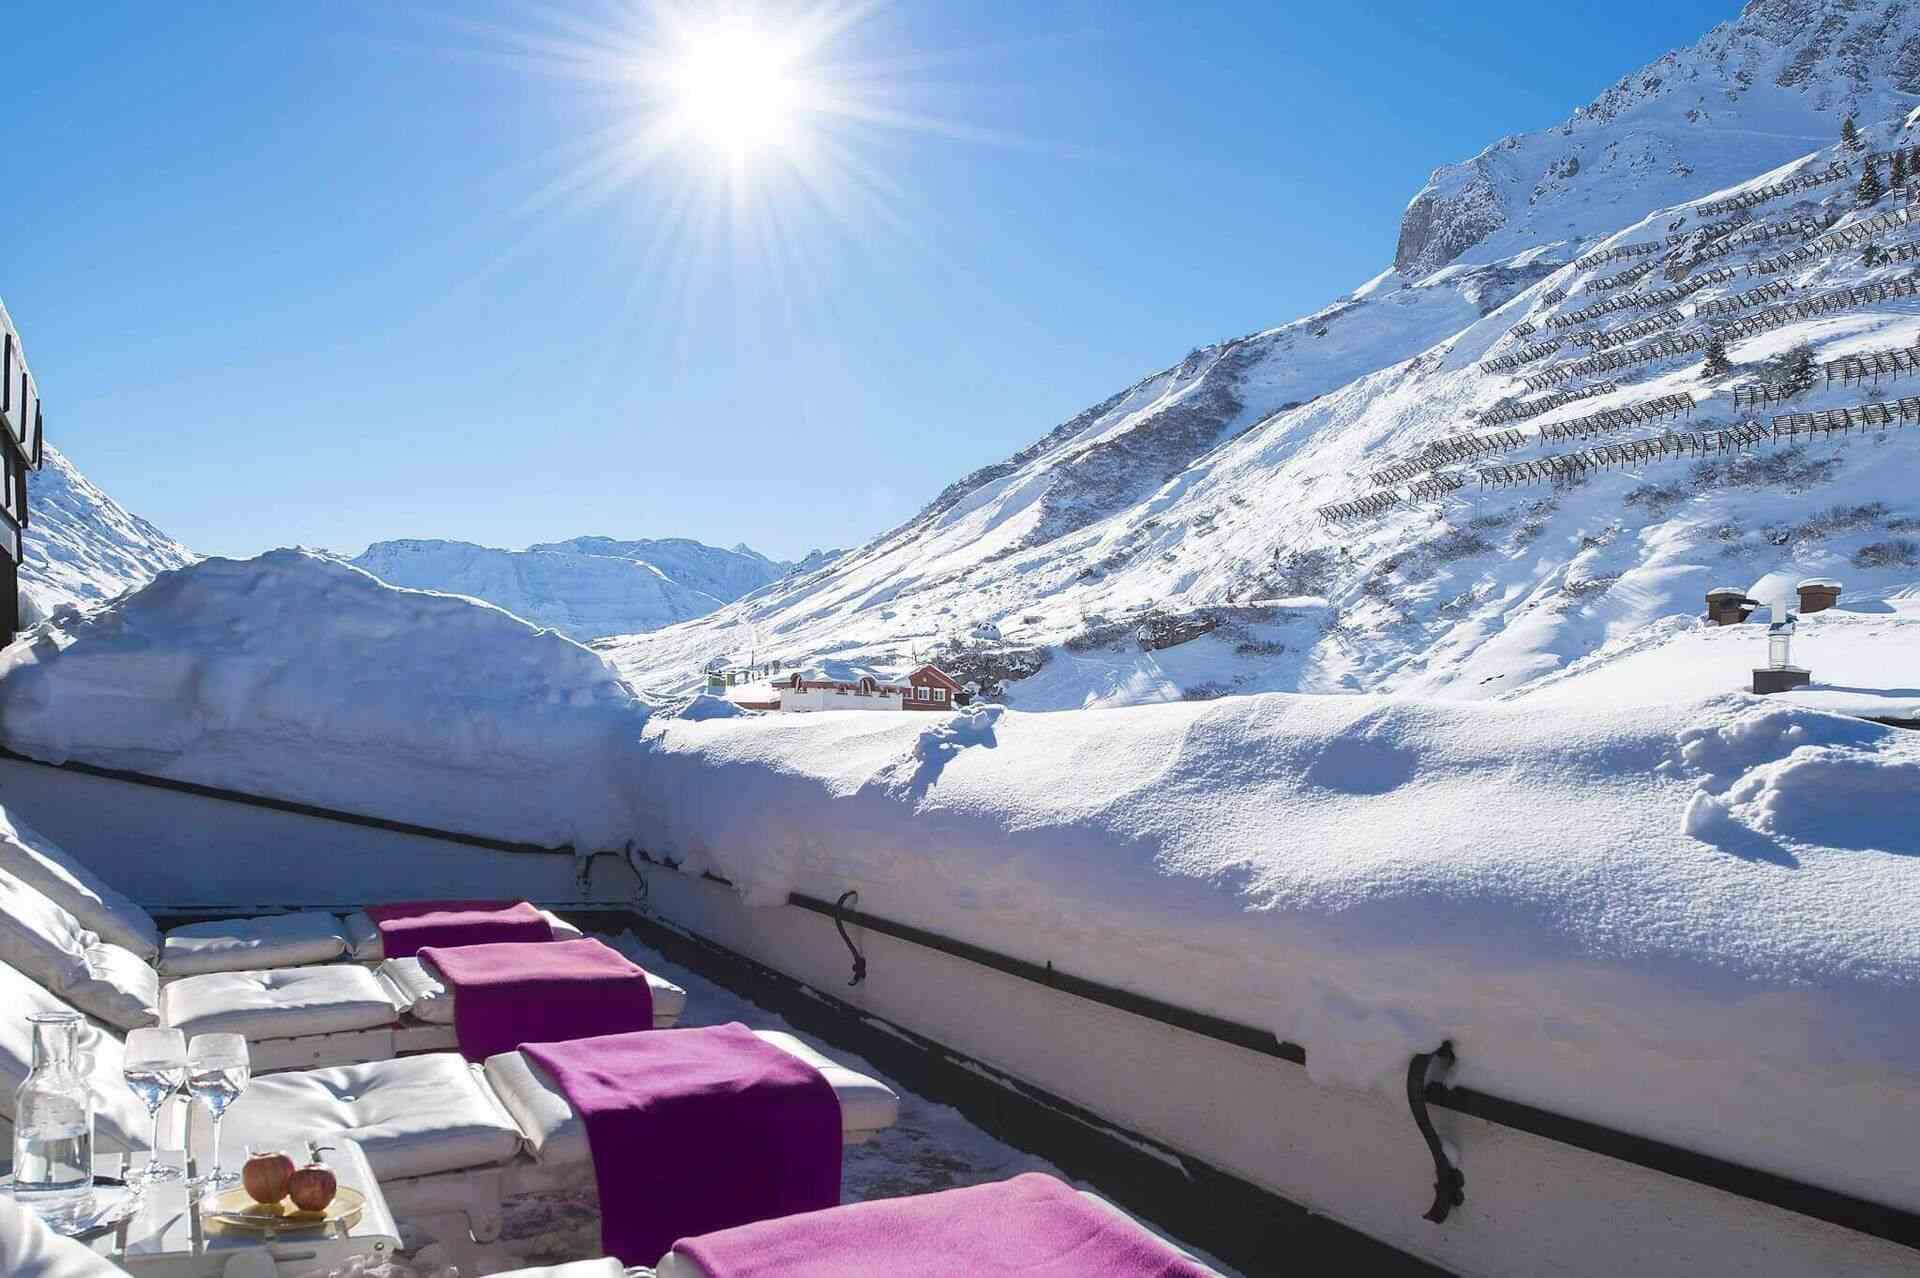 Dachterrasse des Hotels mit Ausblick auf den Arlberg